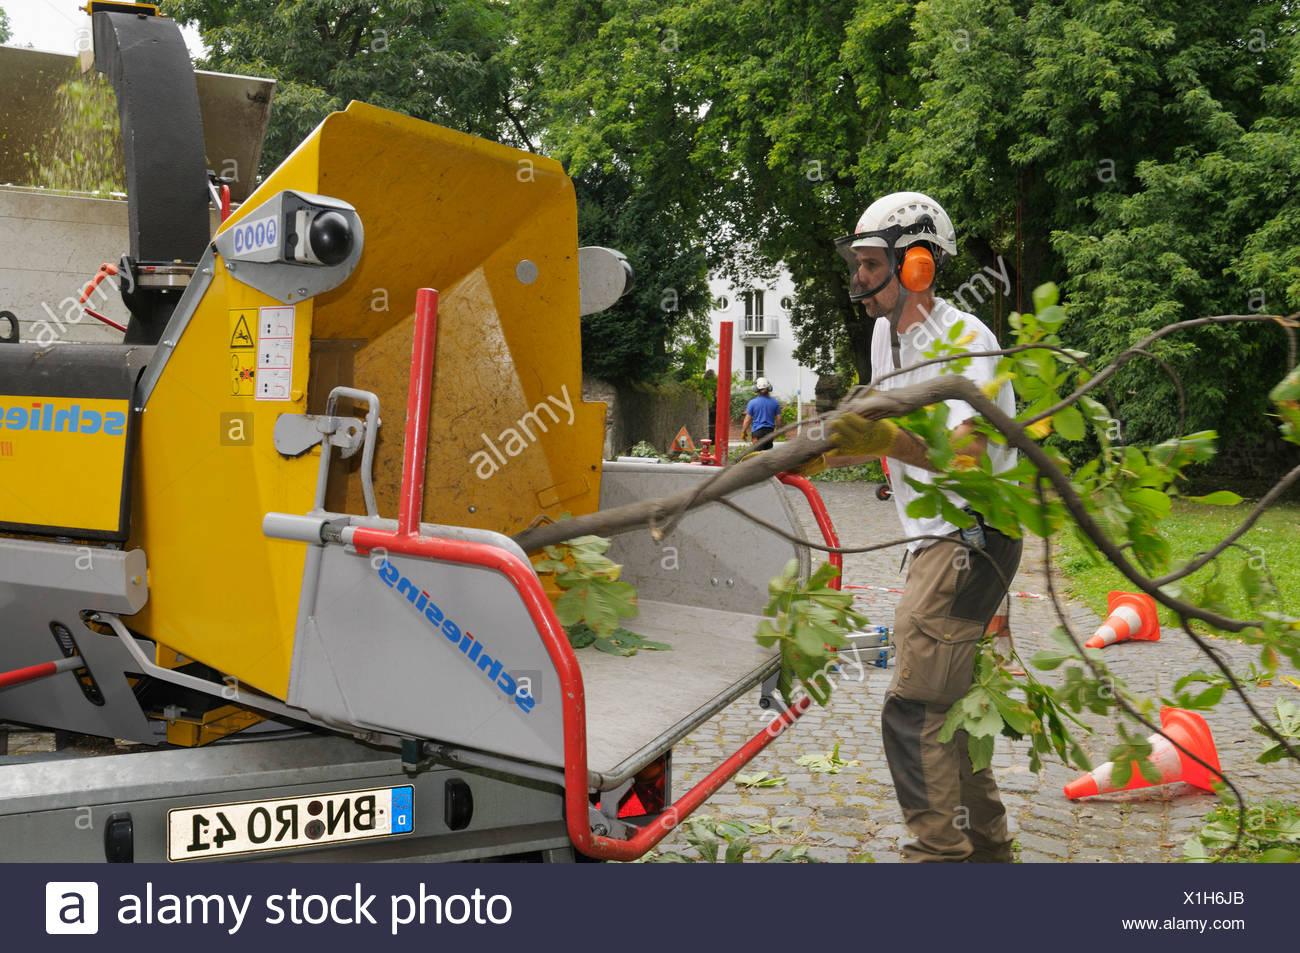 Arborist indossare abbigliamento di sicurezza spingendo un ramo in una trinciatrice Immagini Stock